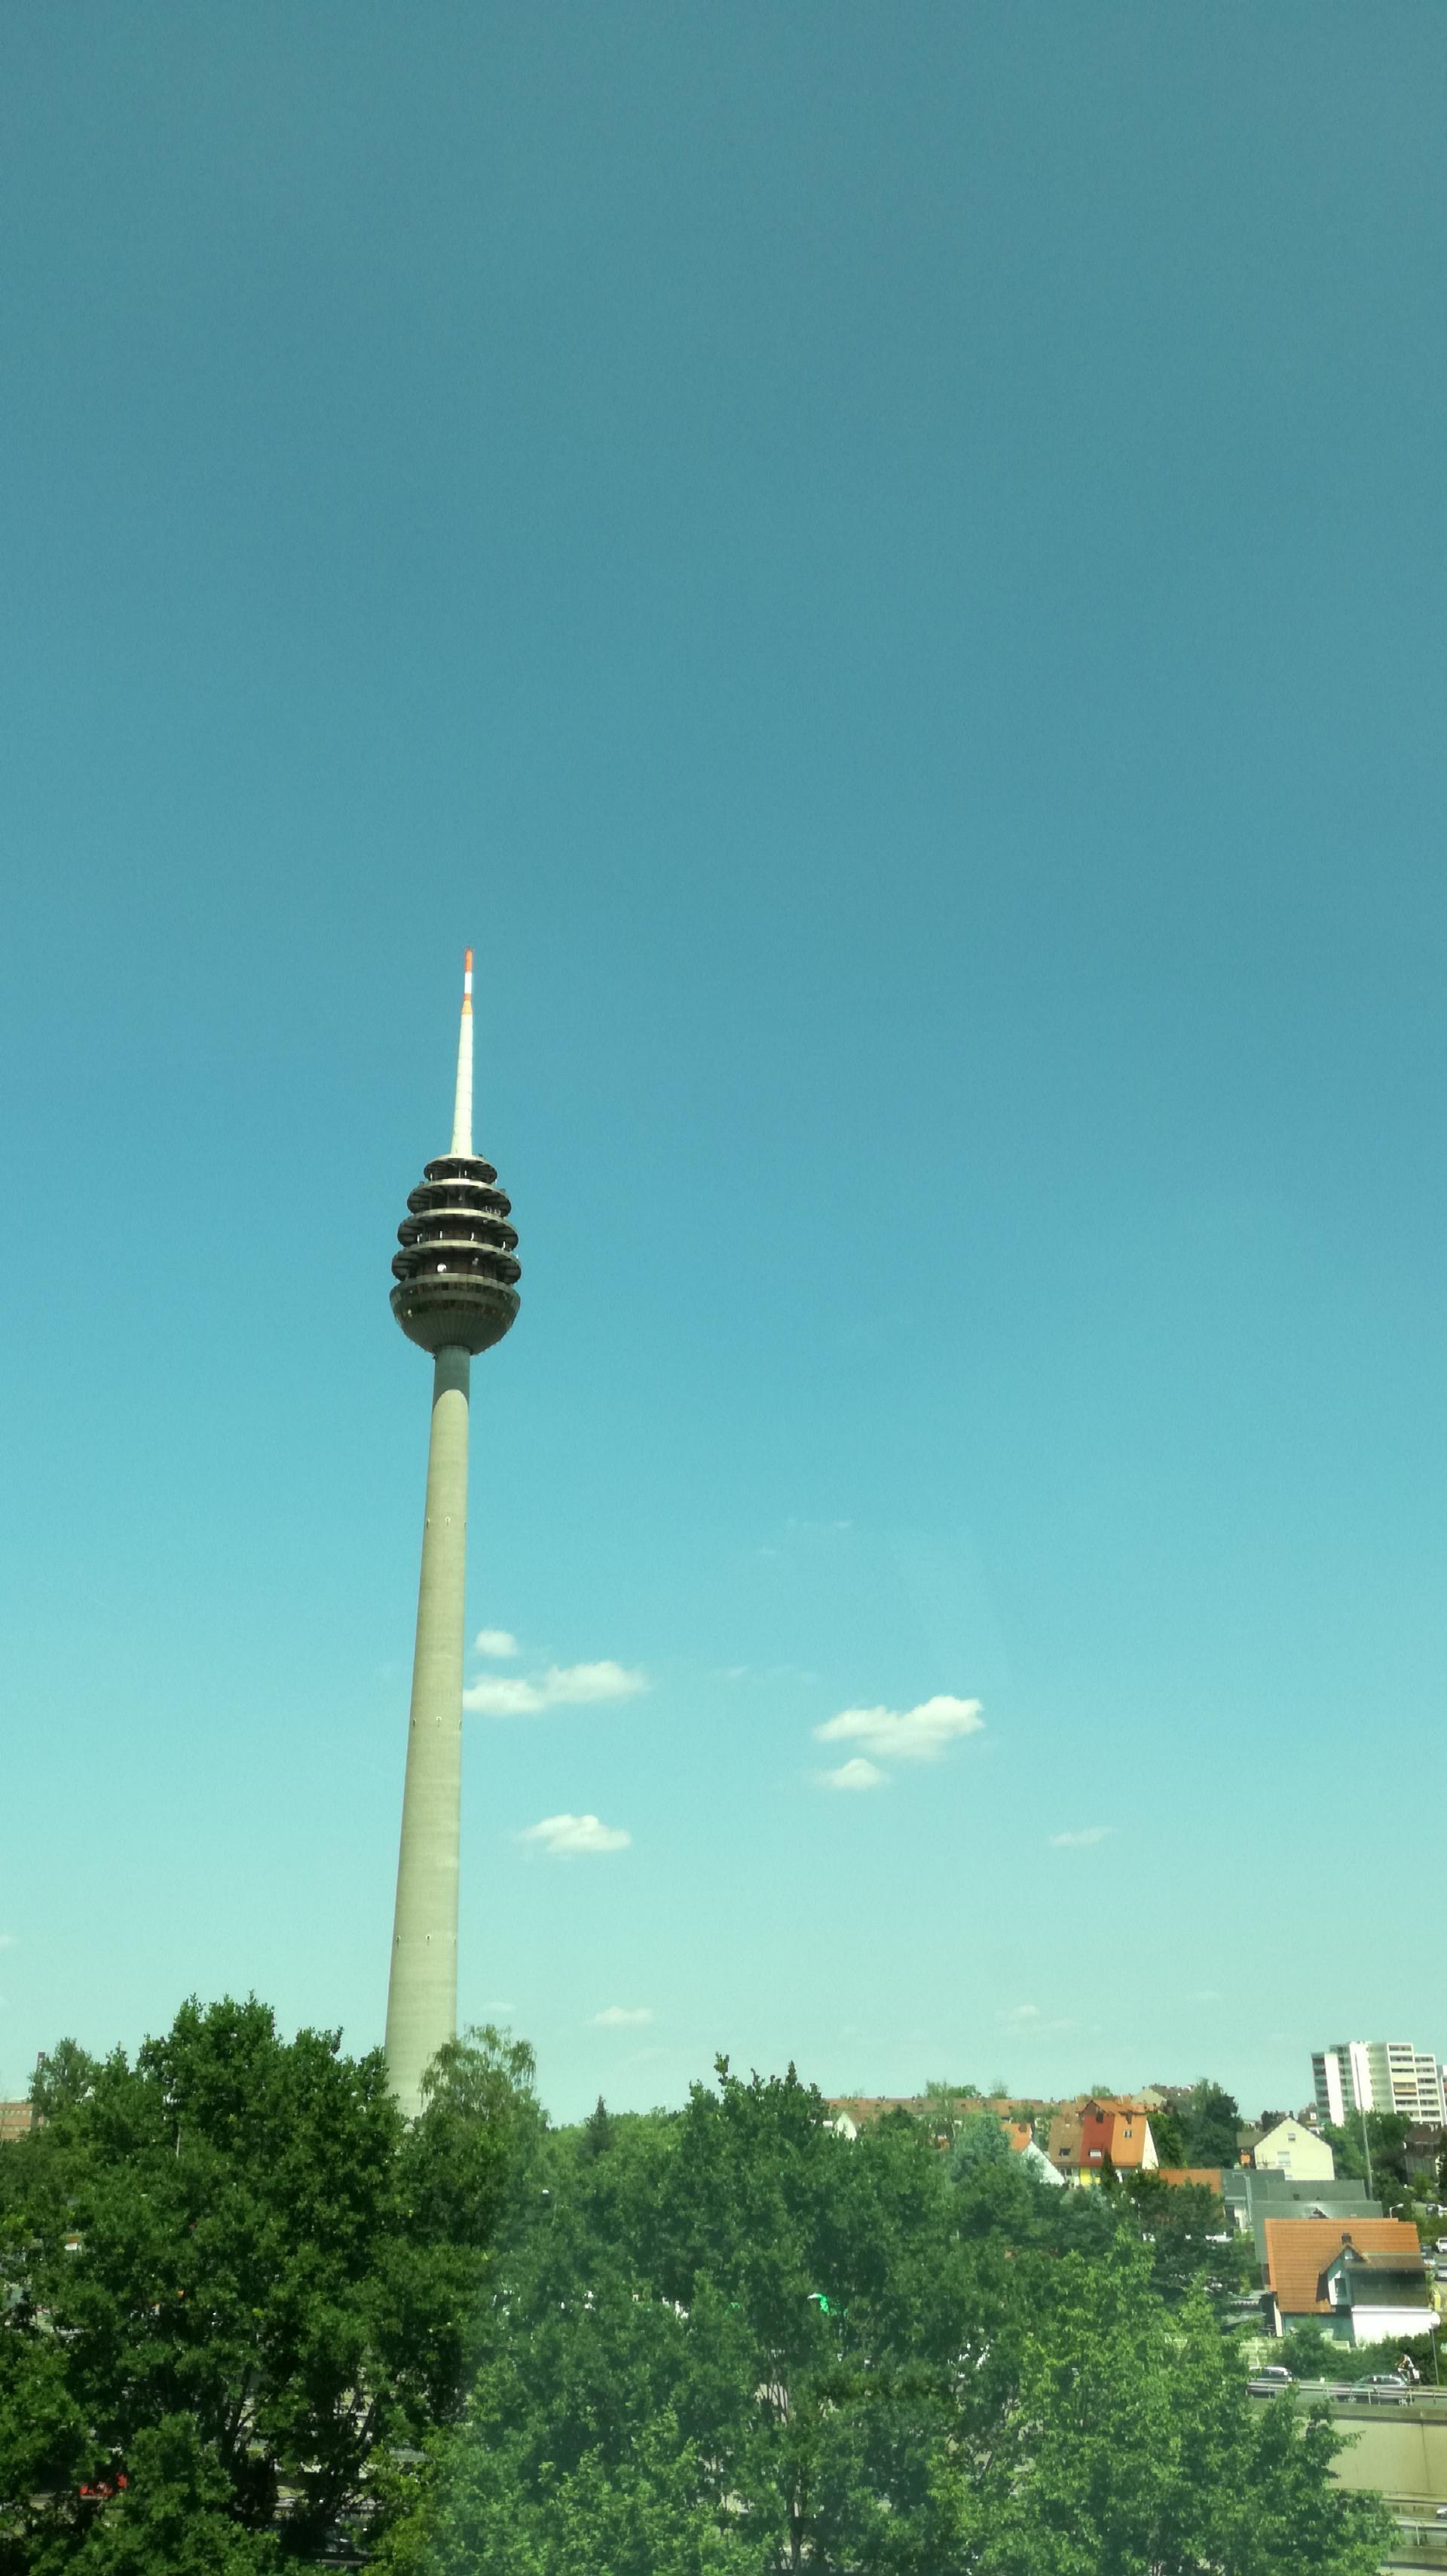 Die Farben von Nürnberger Fernsehturm kommen nicht durch einen Filter vom Handy, sondern durch getönte Glasscheiben. |Johannes Ulrich Gehrke